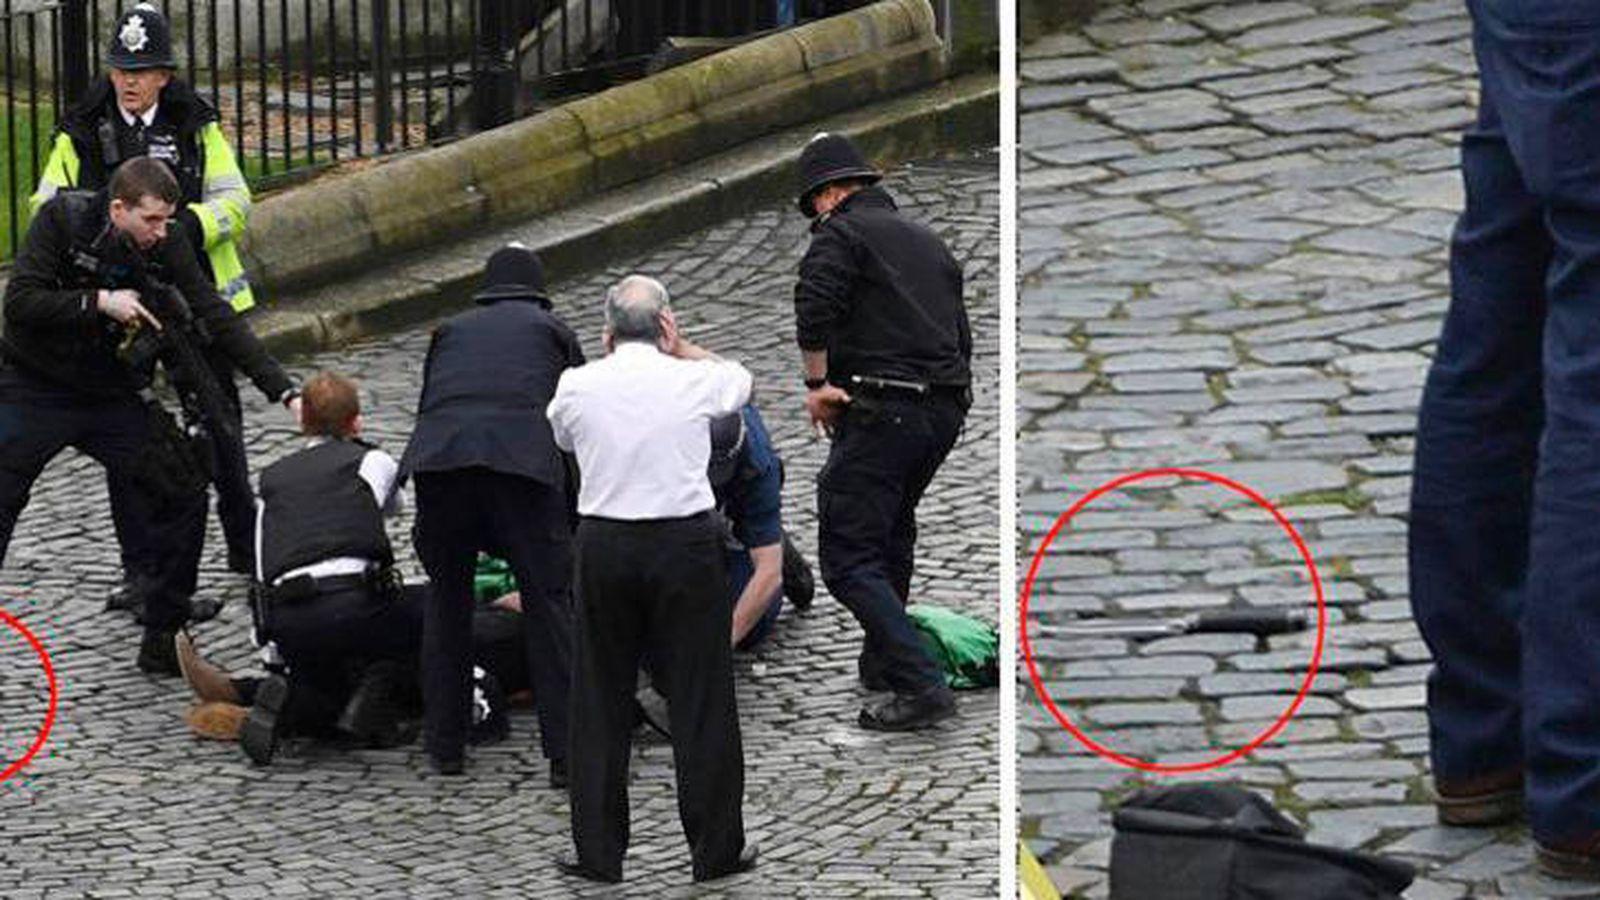 Foto: El momento de la reducción del sospechoso, donde se ve el arma blanca utilizada.